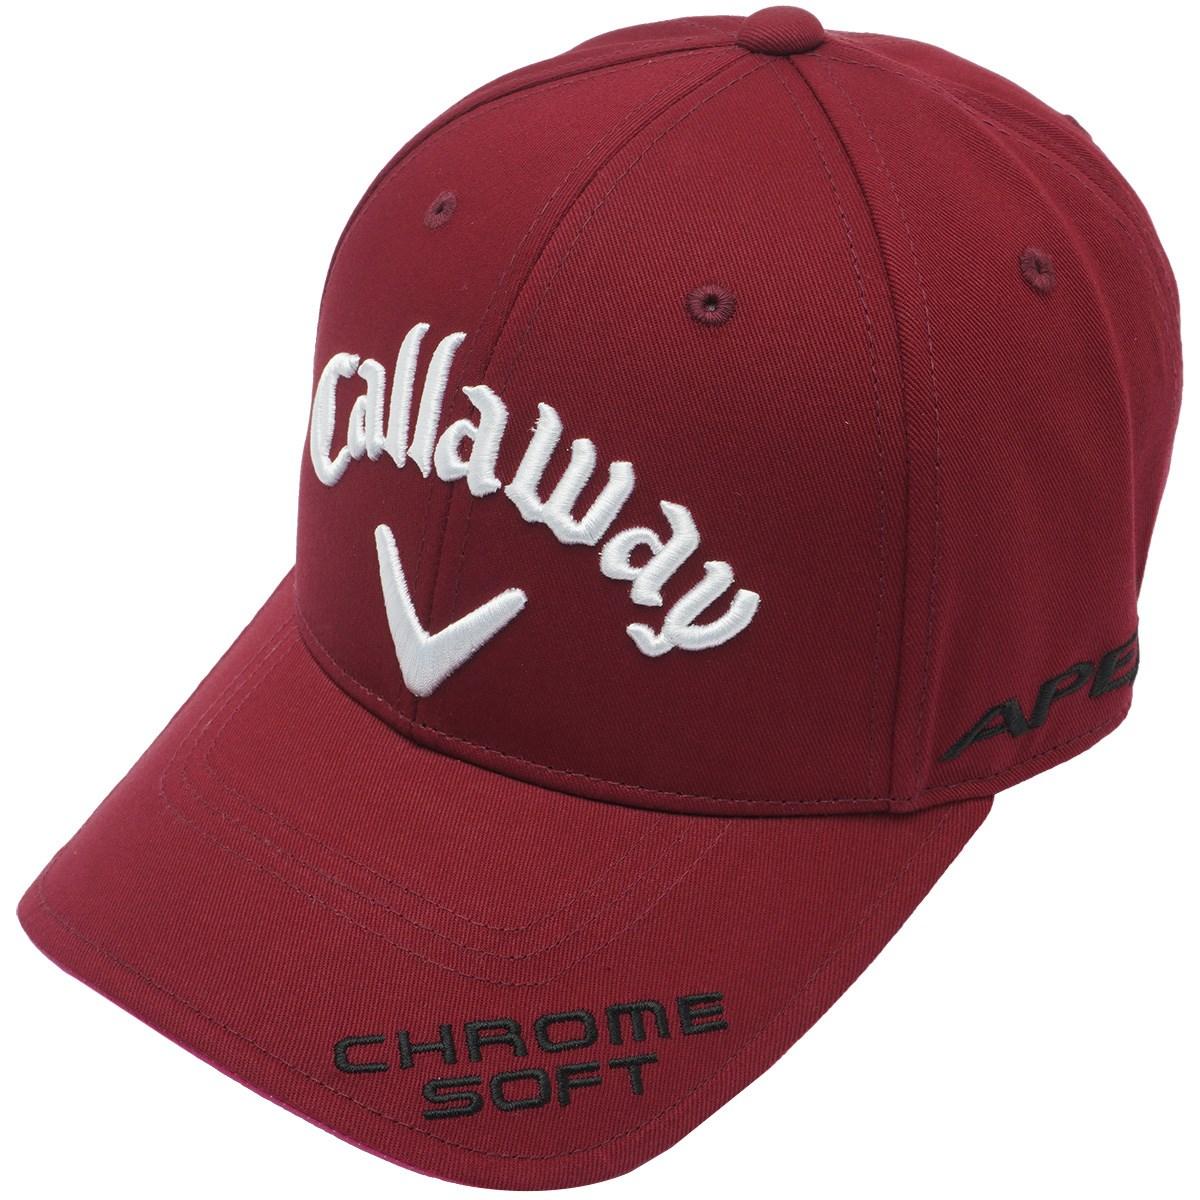 キャロウェイゴルフ Callaway Golf ツアーキャップ フリー ワイン 1070